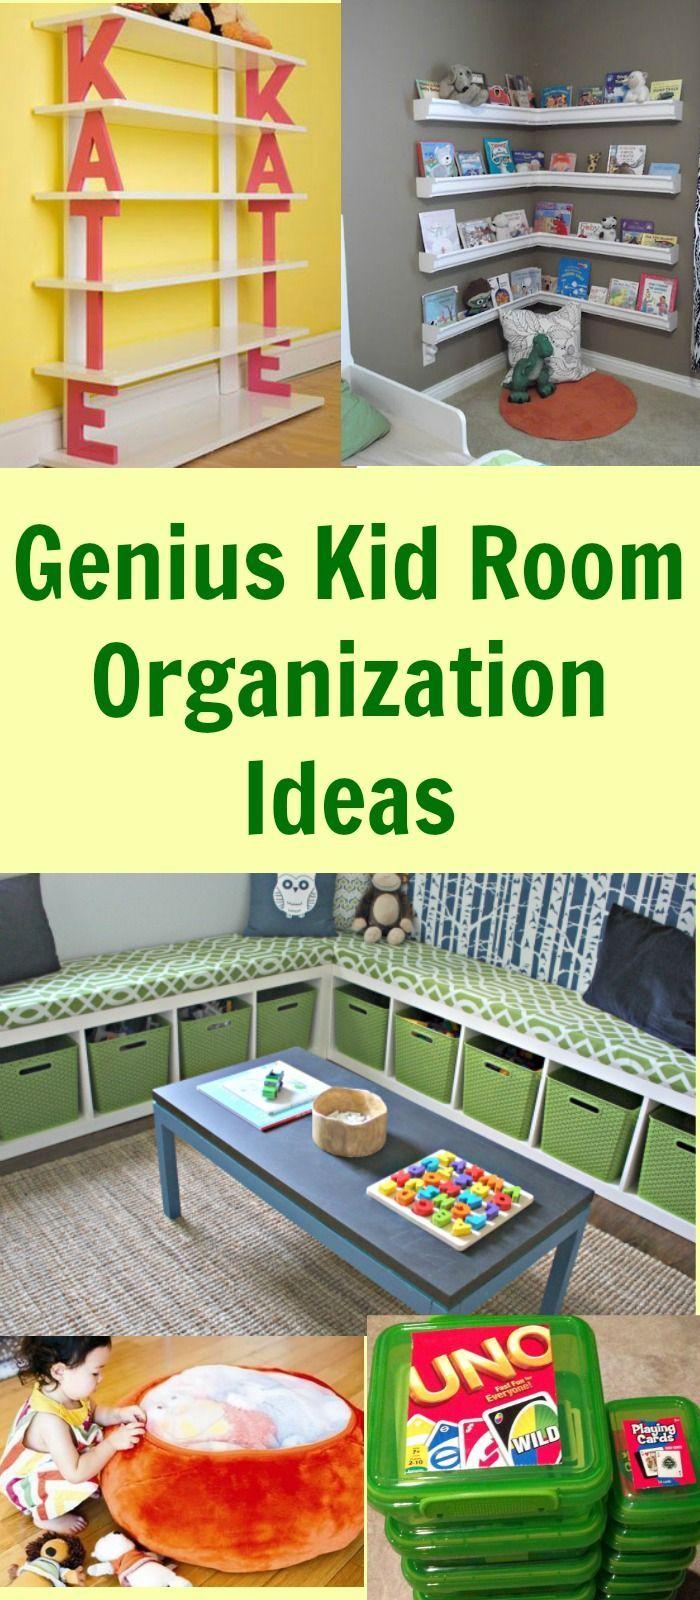 Genius kid room organization ideas organization ideas children s